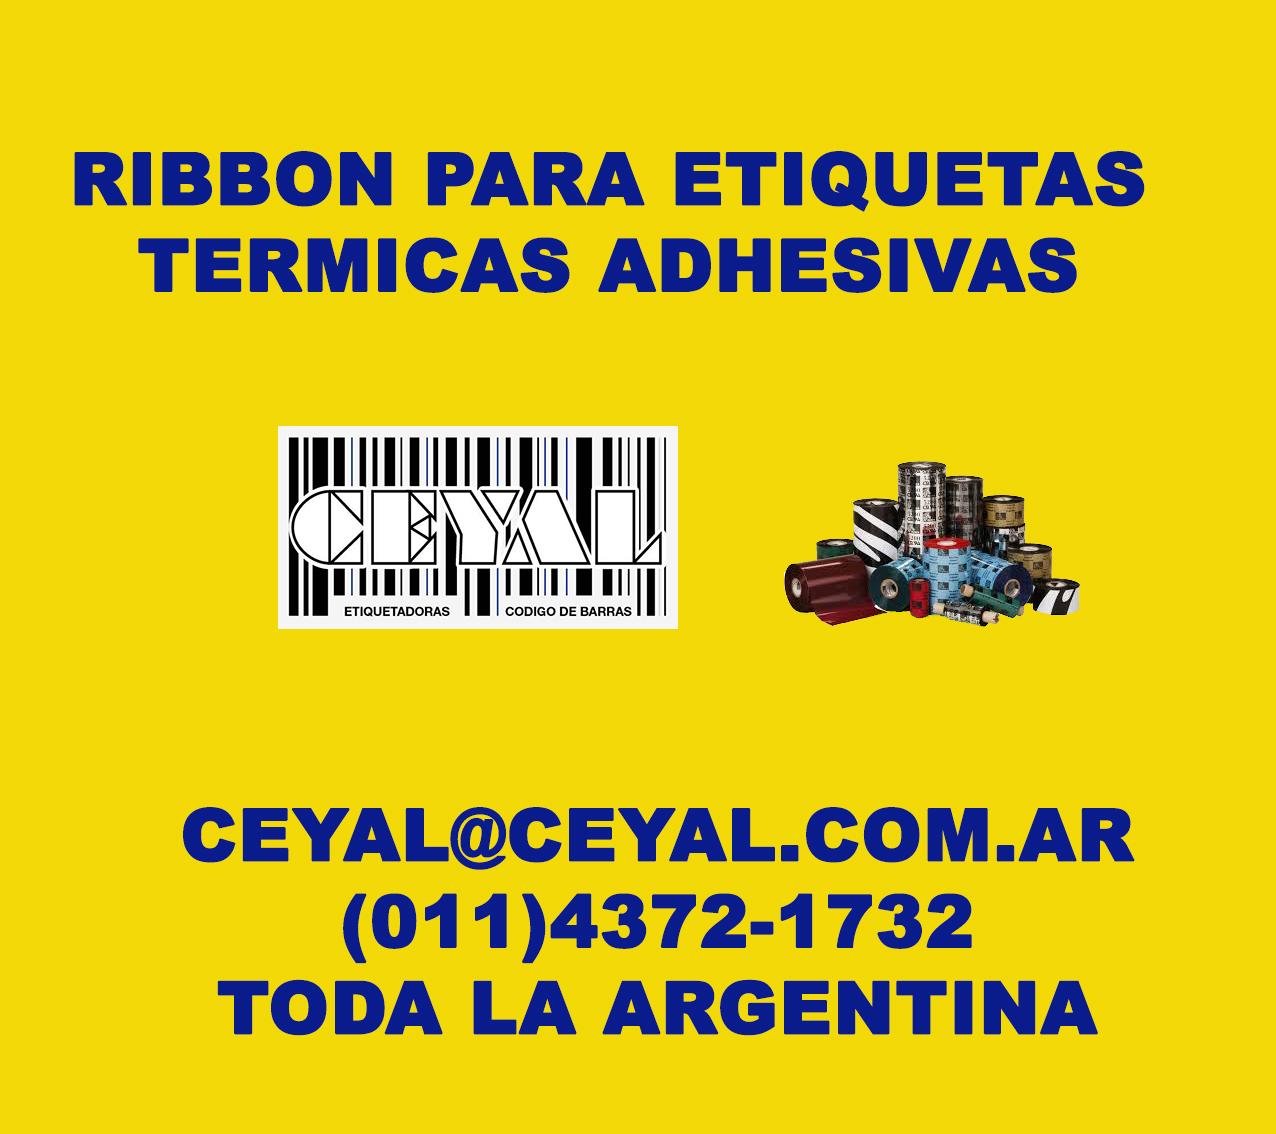 Fabrica de etiquetas autoadhesivas Metalurgica Argentina